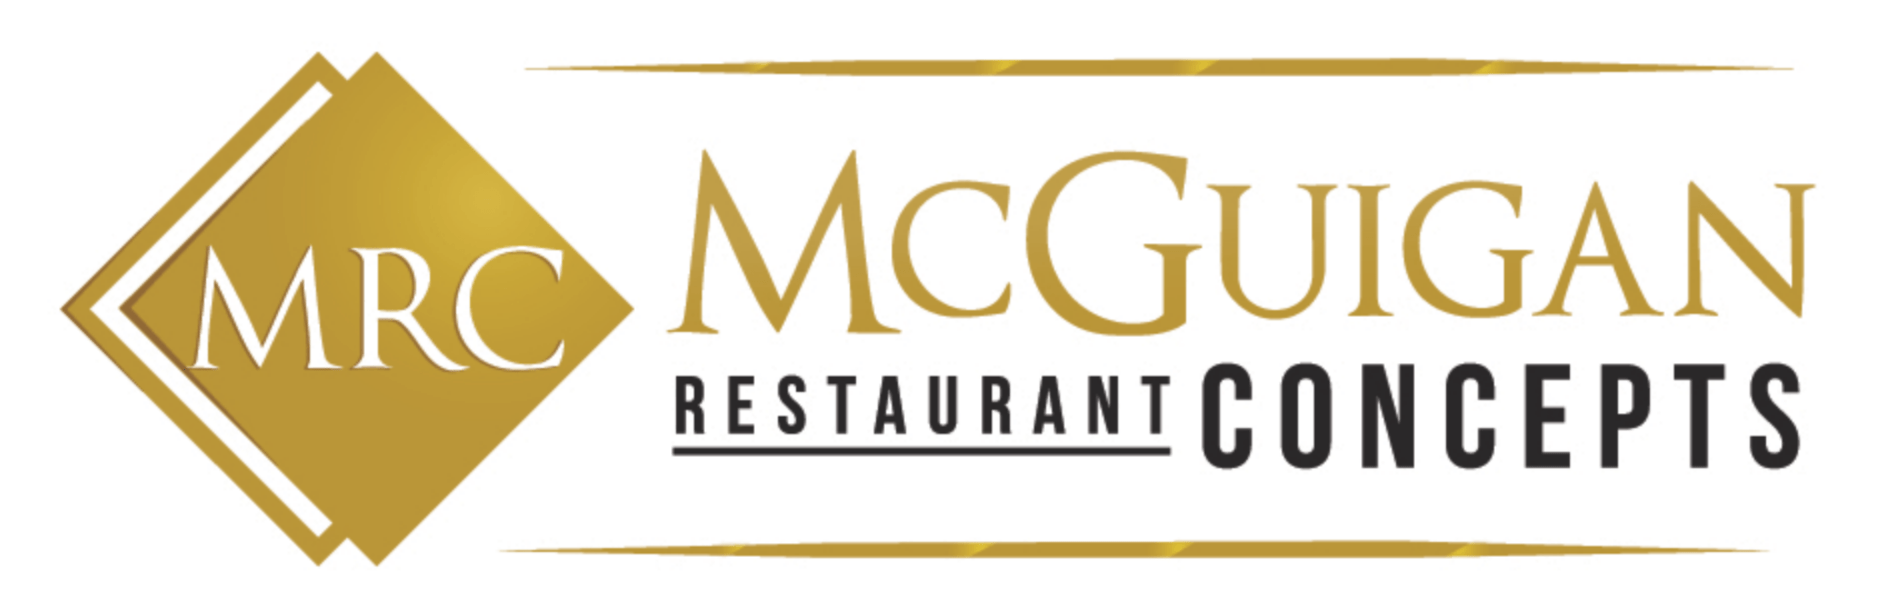 logo mcguigan